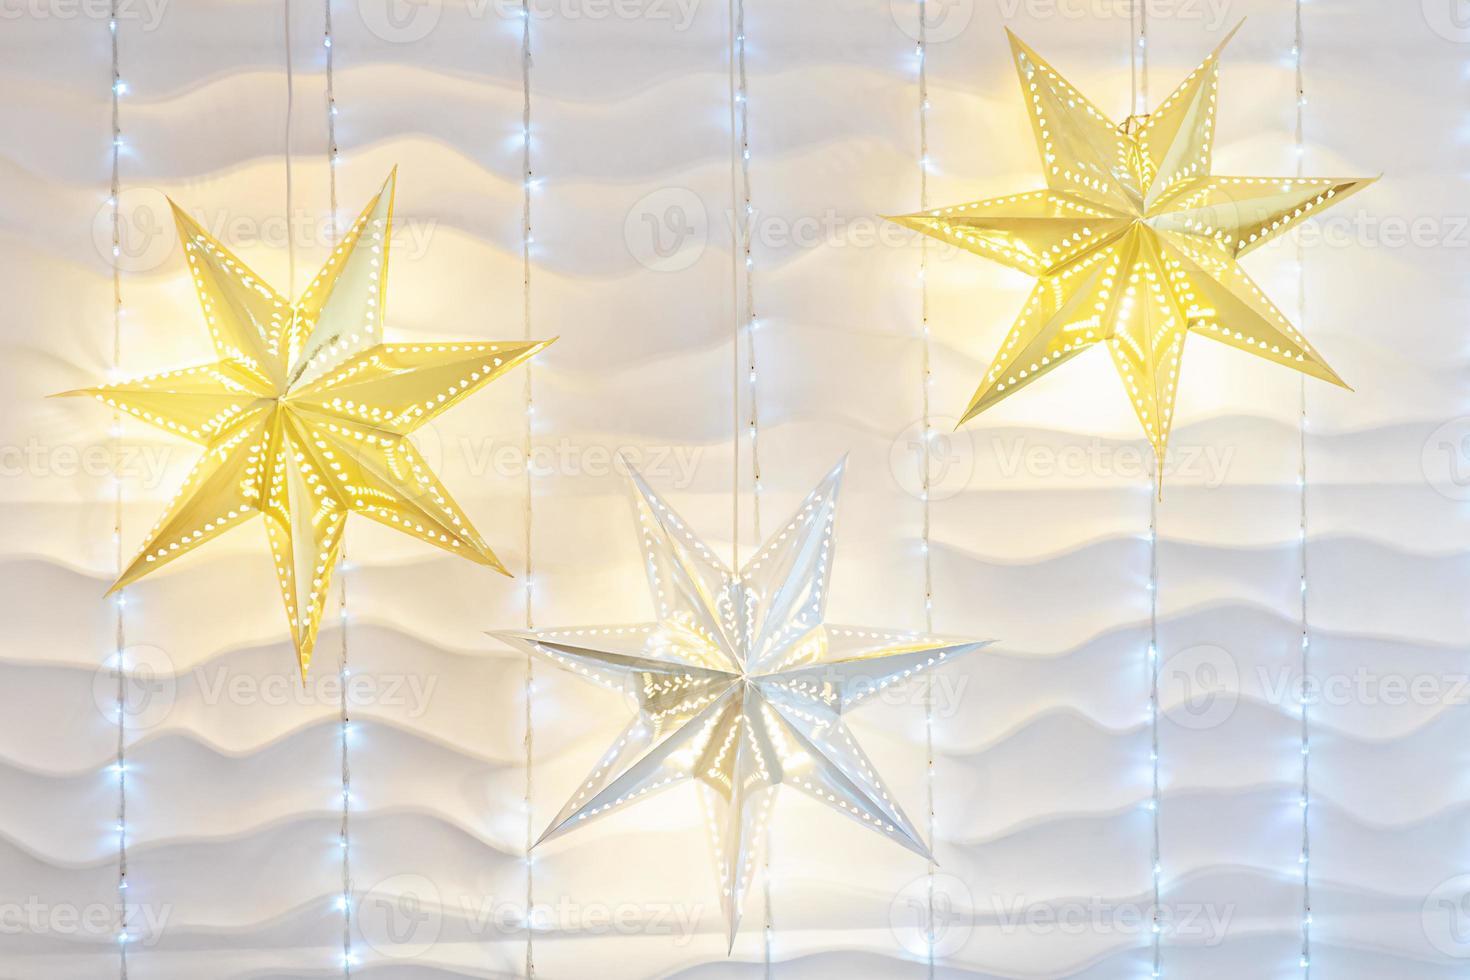 Fondo de Navidad de pared blanca con luces brillantes. foto